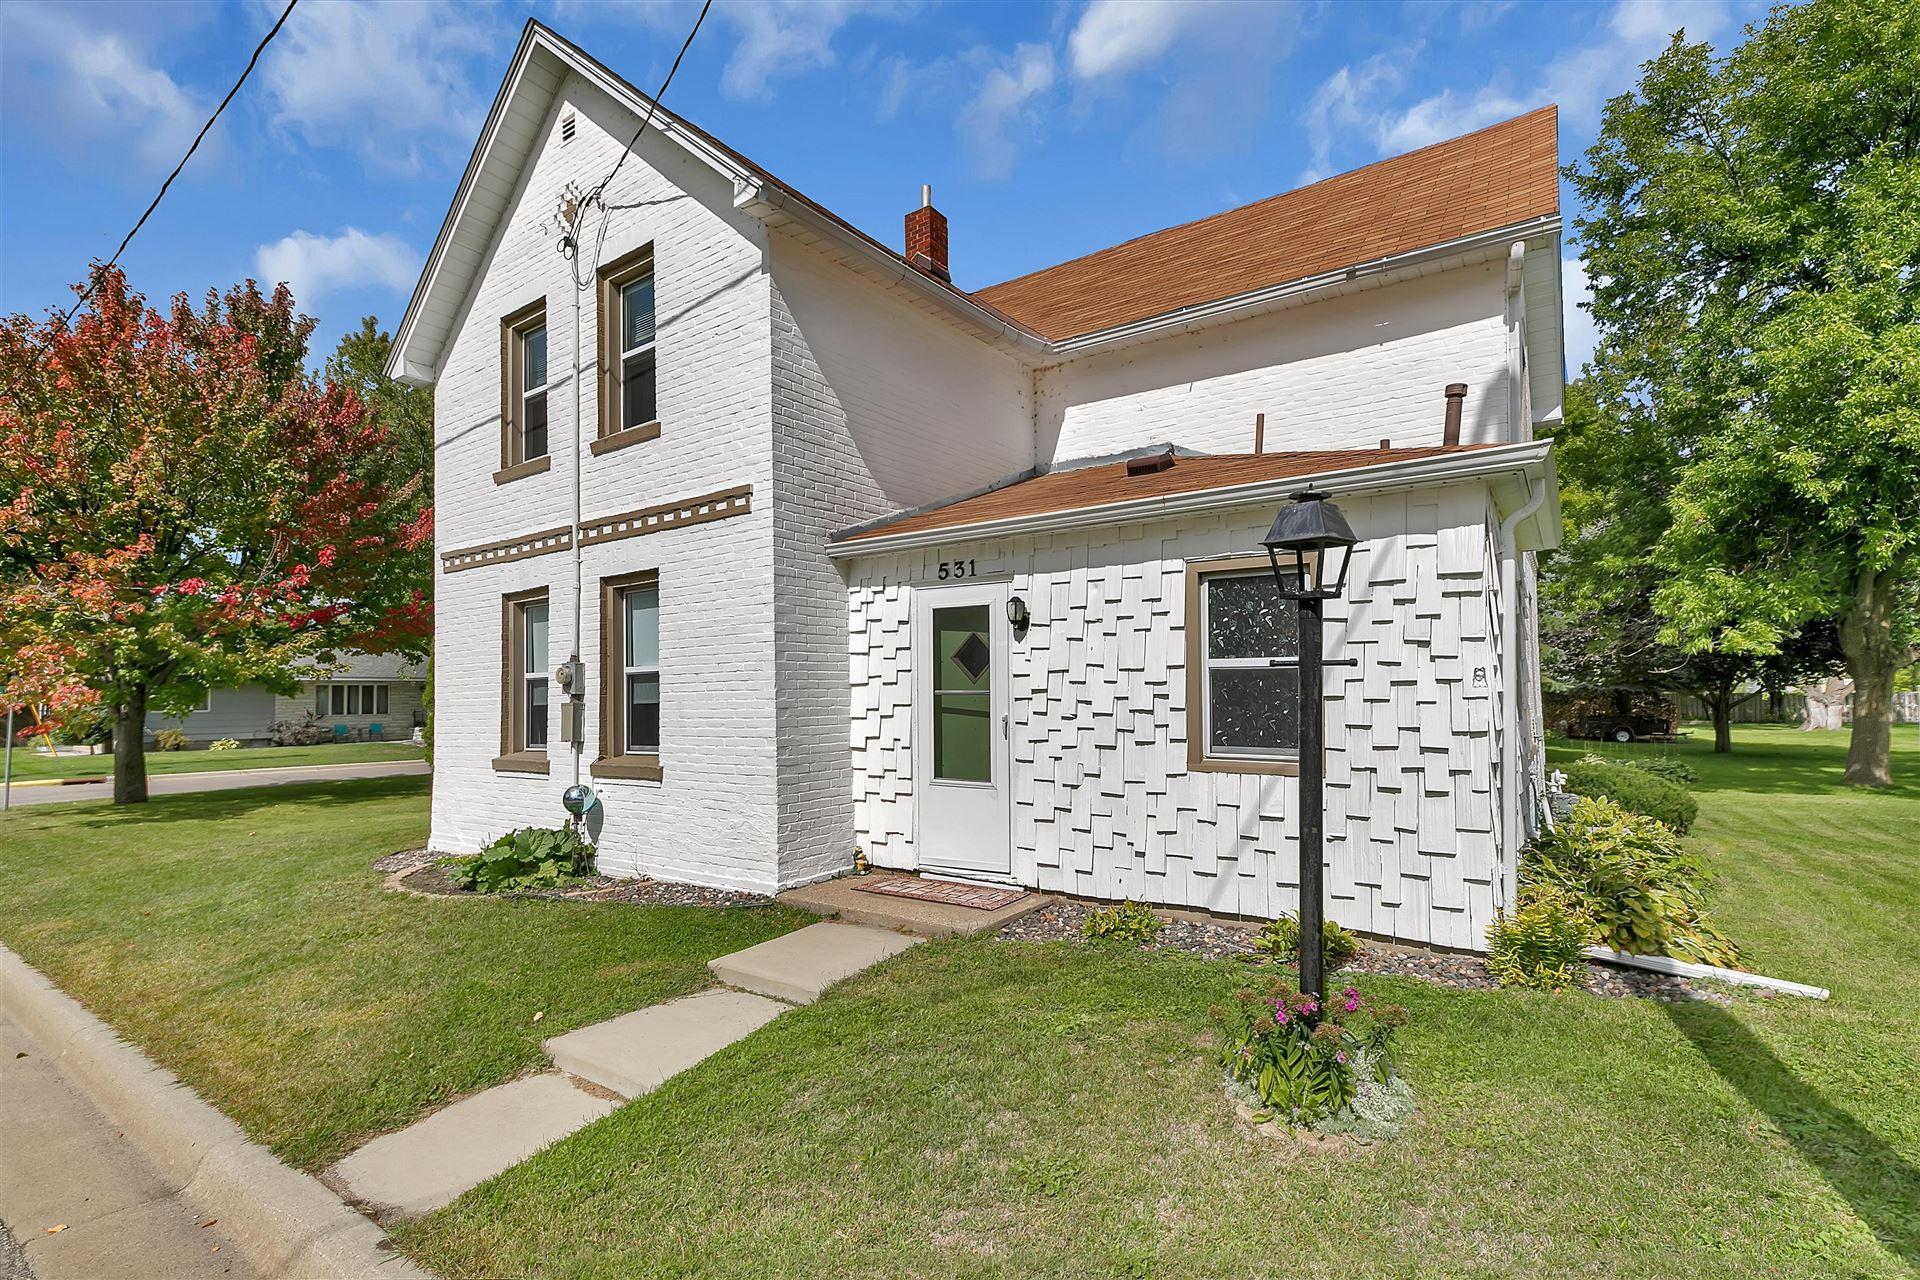 531 1st Street, Watkins, MN 55389 - MLS#: 5645531